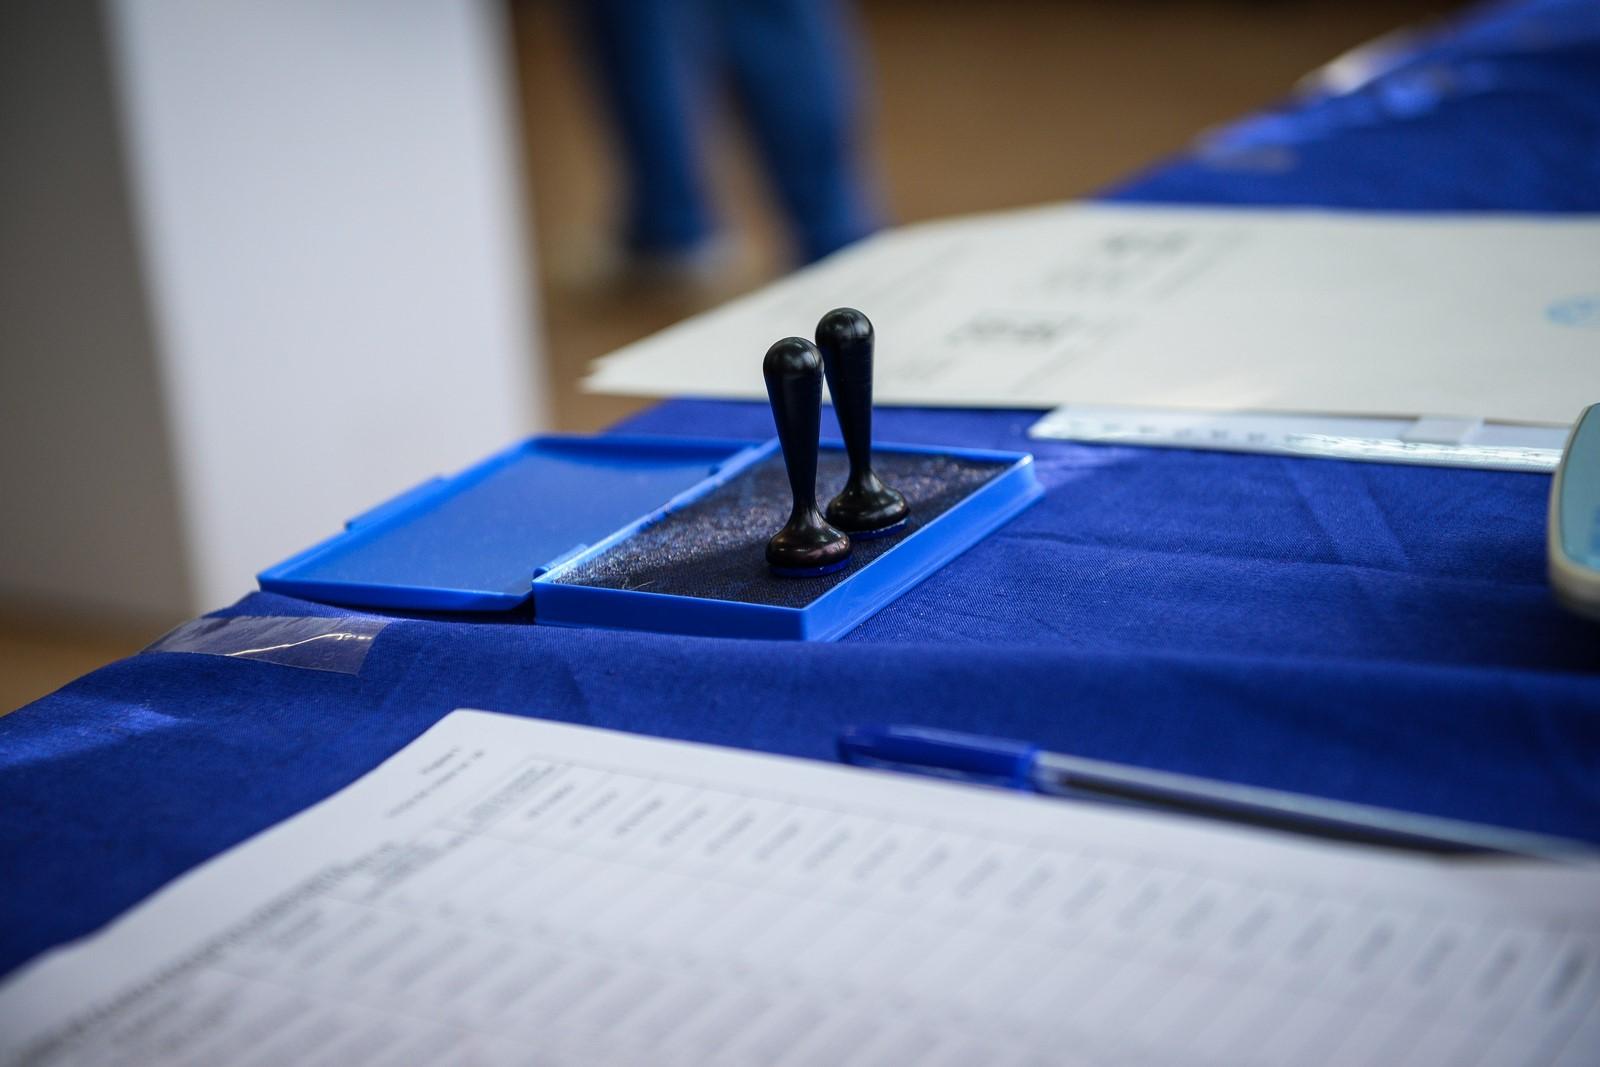 Cine poate opri PSD și PNL la parlamentare? Planurile PACT și Uniunea Salvați România pentru Sibiu